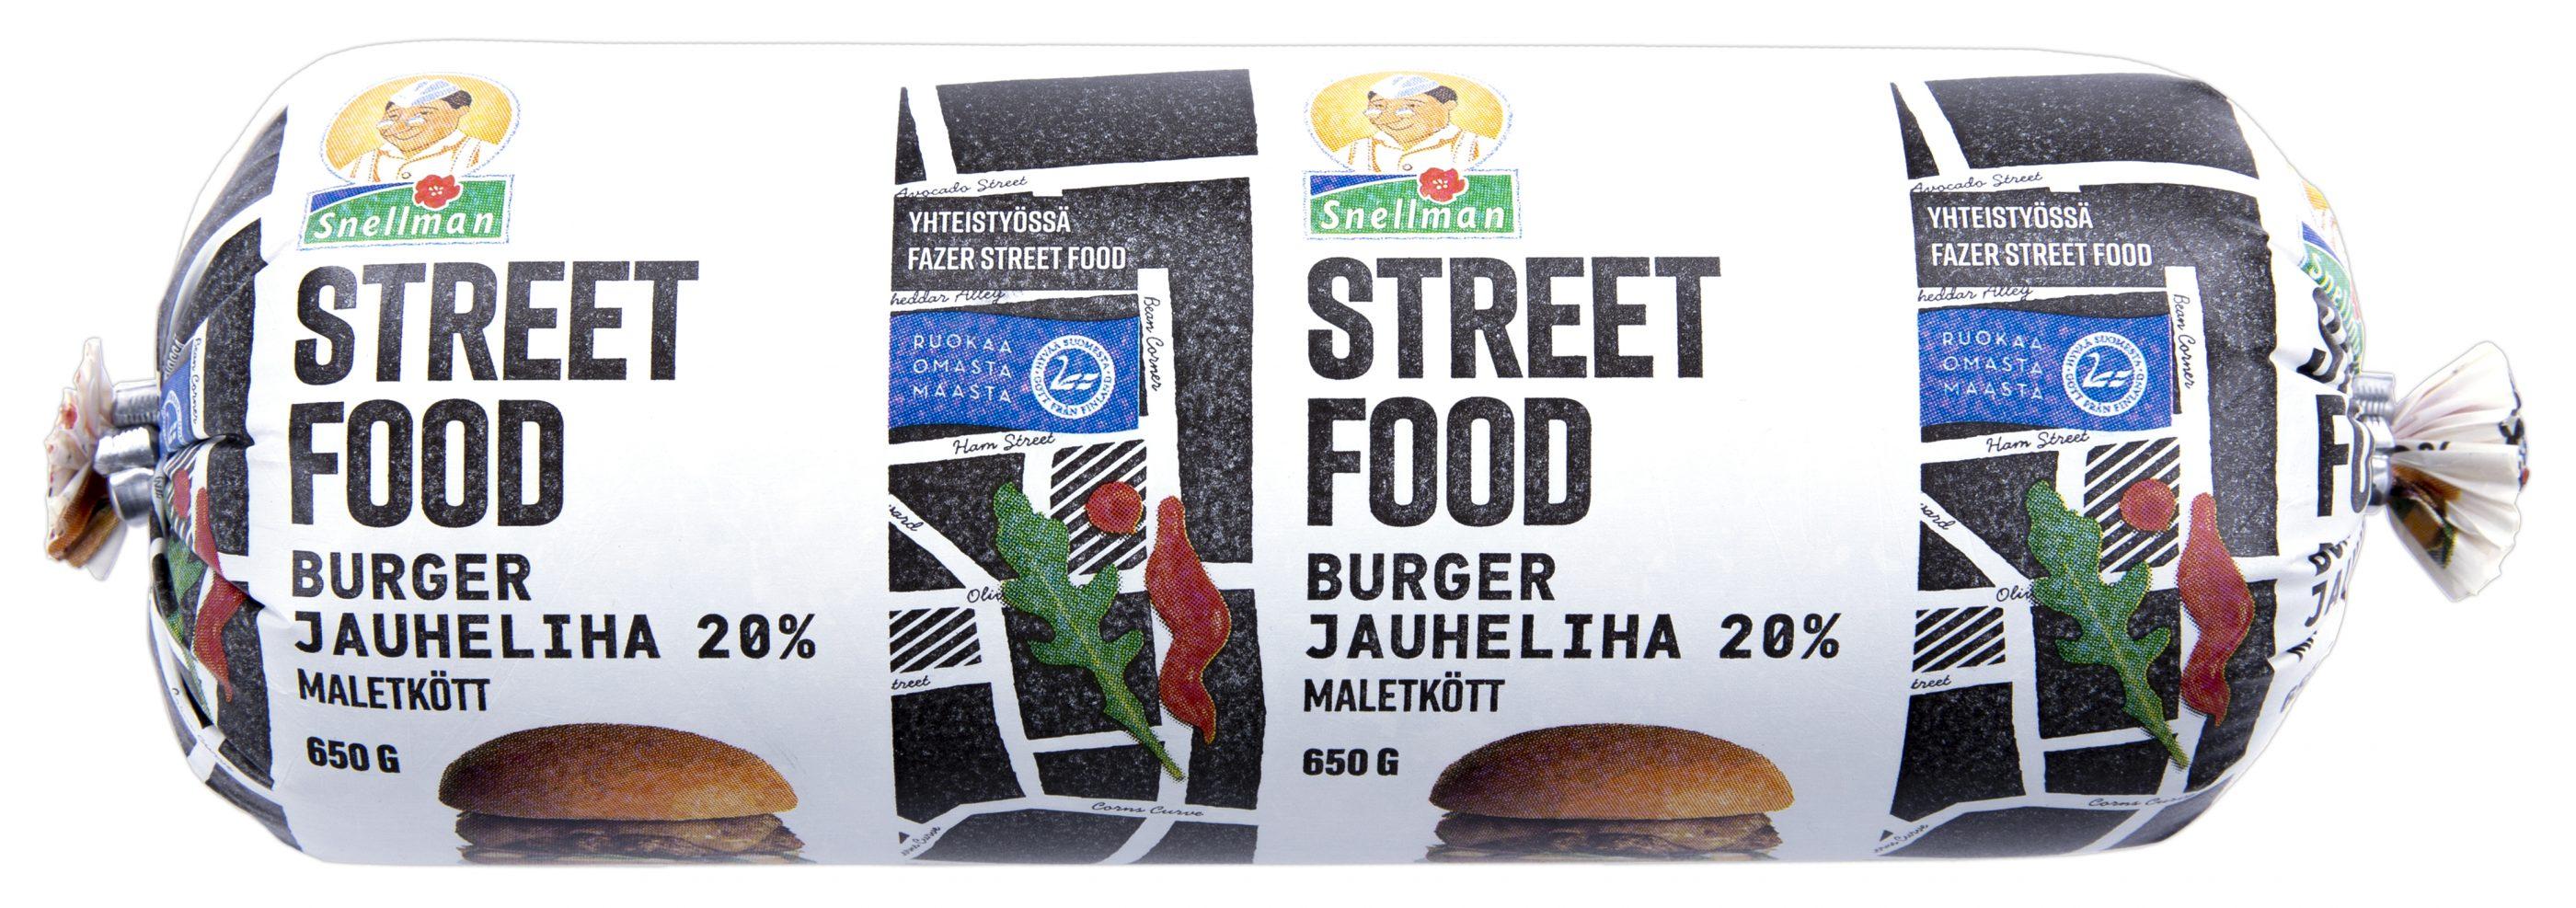 Street Food burgerjauheliha 650 g